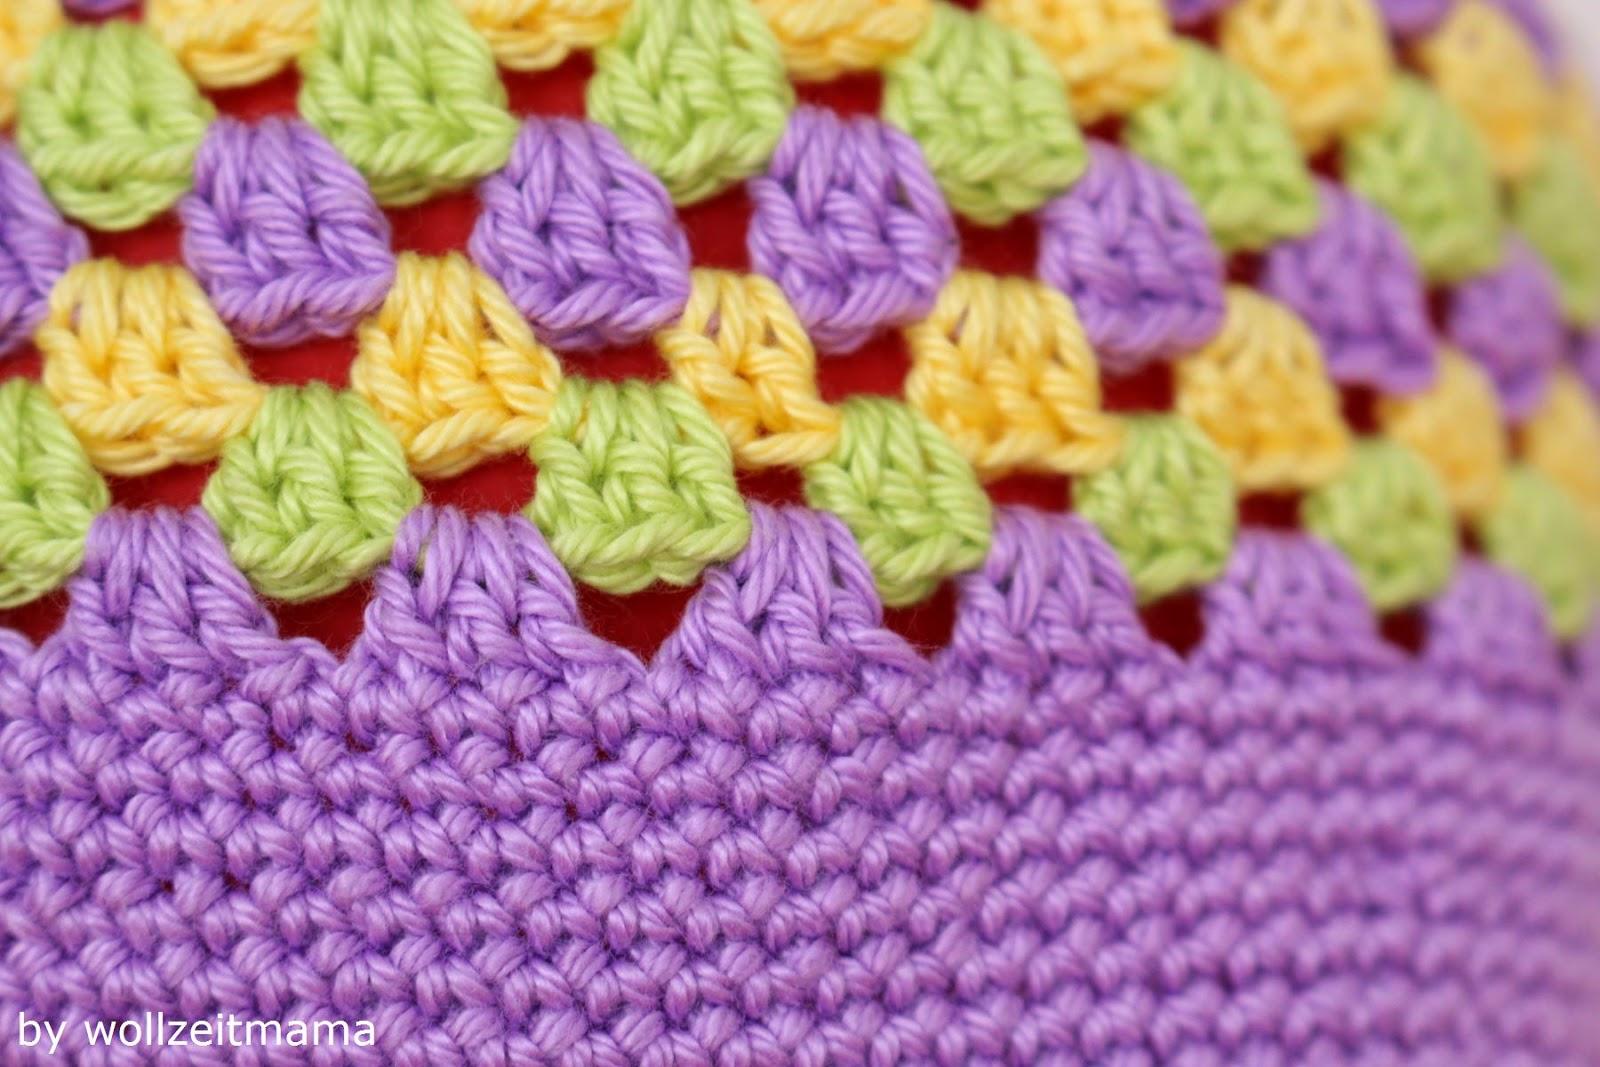 Wollzeitmama: Dreifarbige Kindermütze im Granny Square Muster